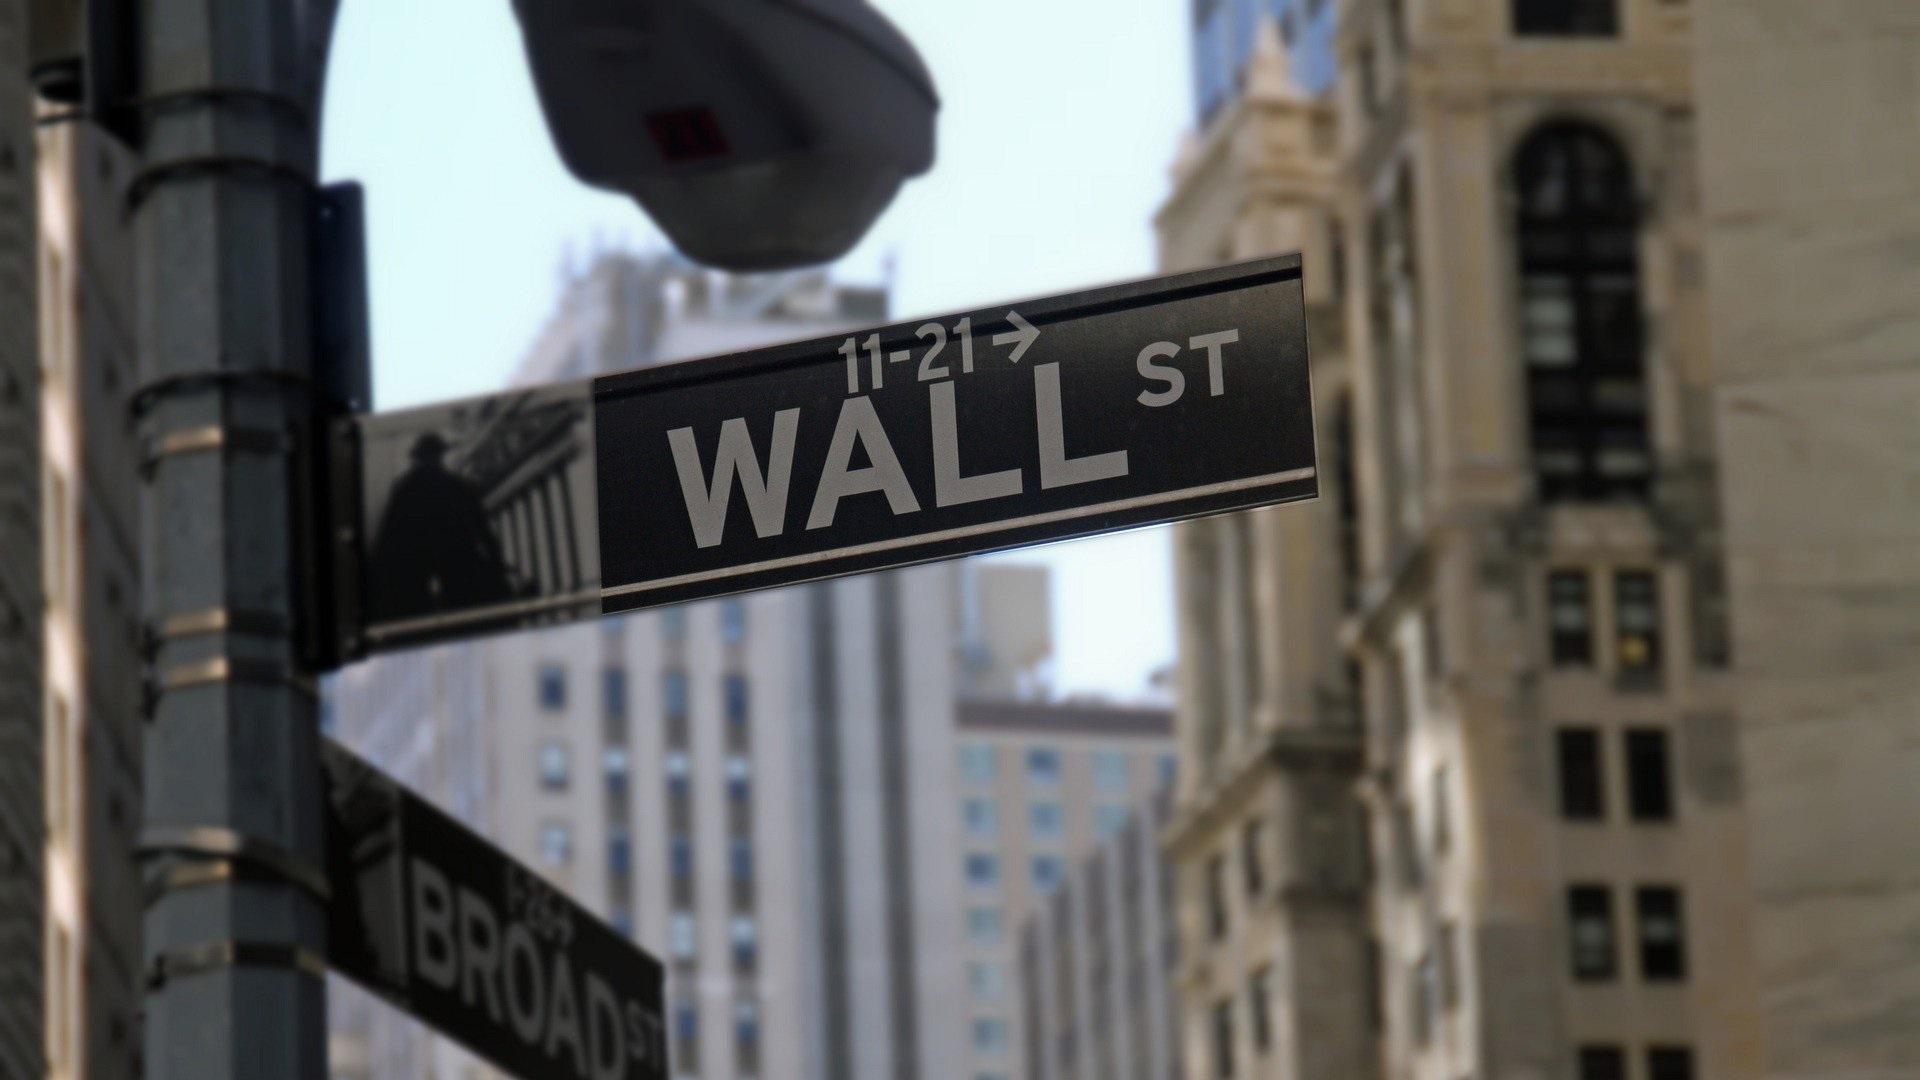 Beleggen: Hoe te Beginnen met Beleggen in 2021?